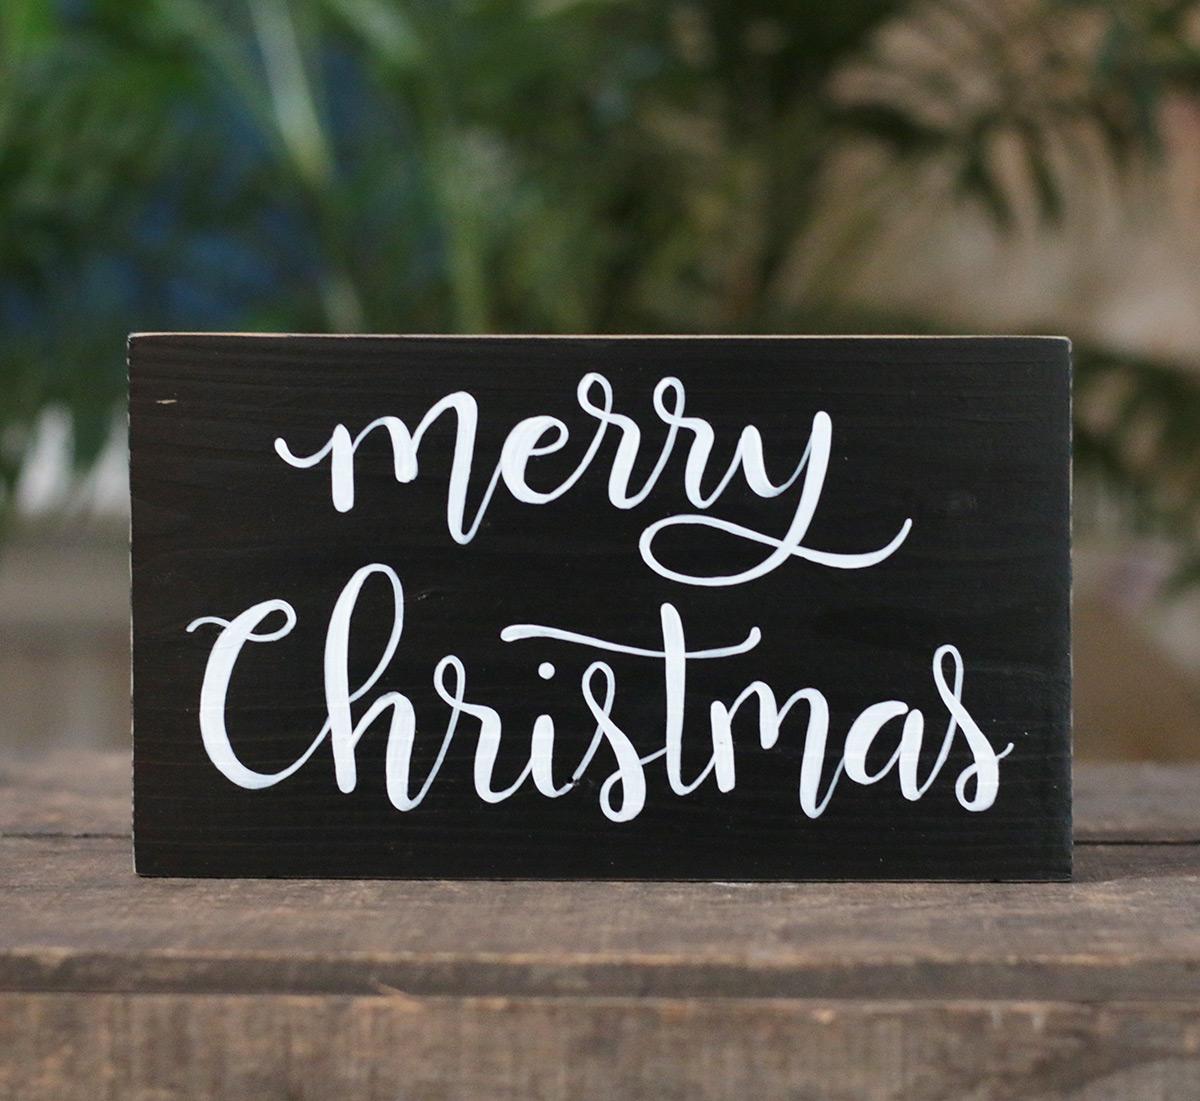 48 Joy To The World Christmas Sign  Christmas signs for porch   Christmas signs wood  Vertical Christmas signs  Wood Christmas Sign